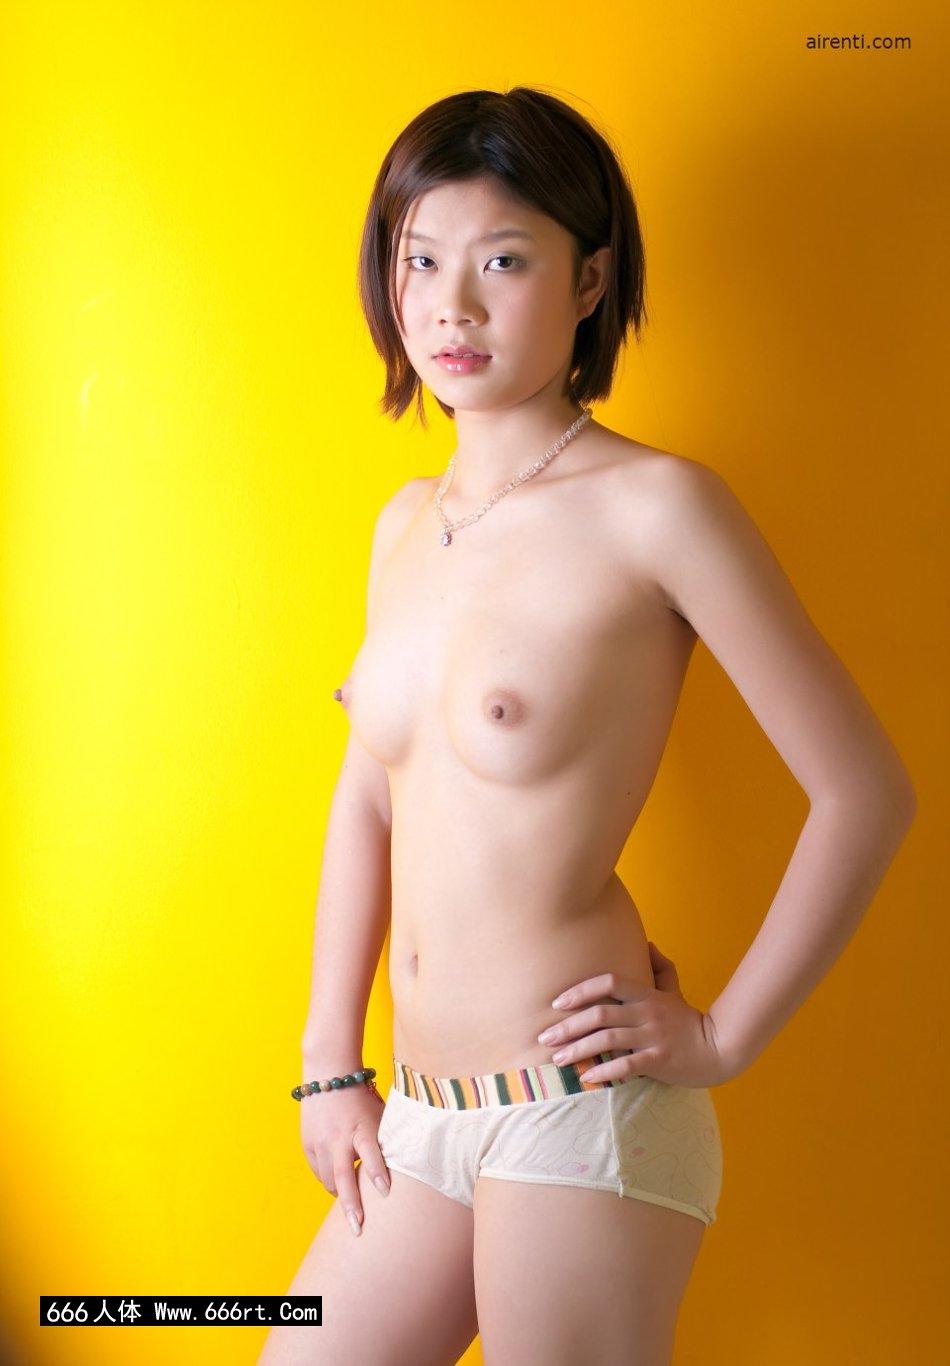 黄色背景棚拍穿着内裤的宋蕊